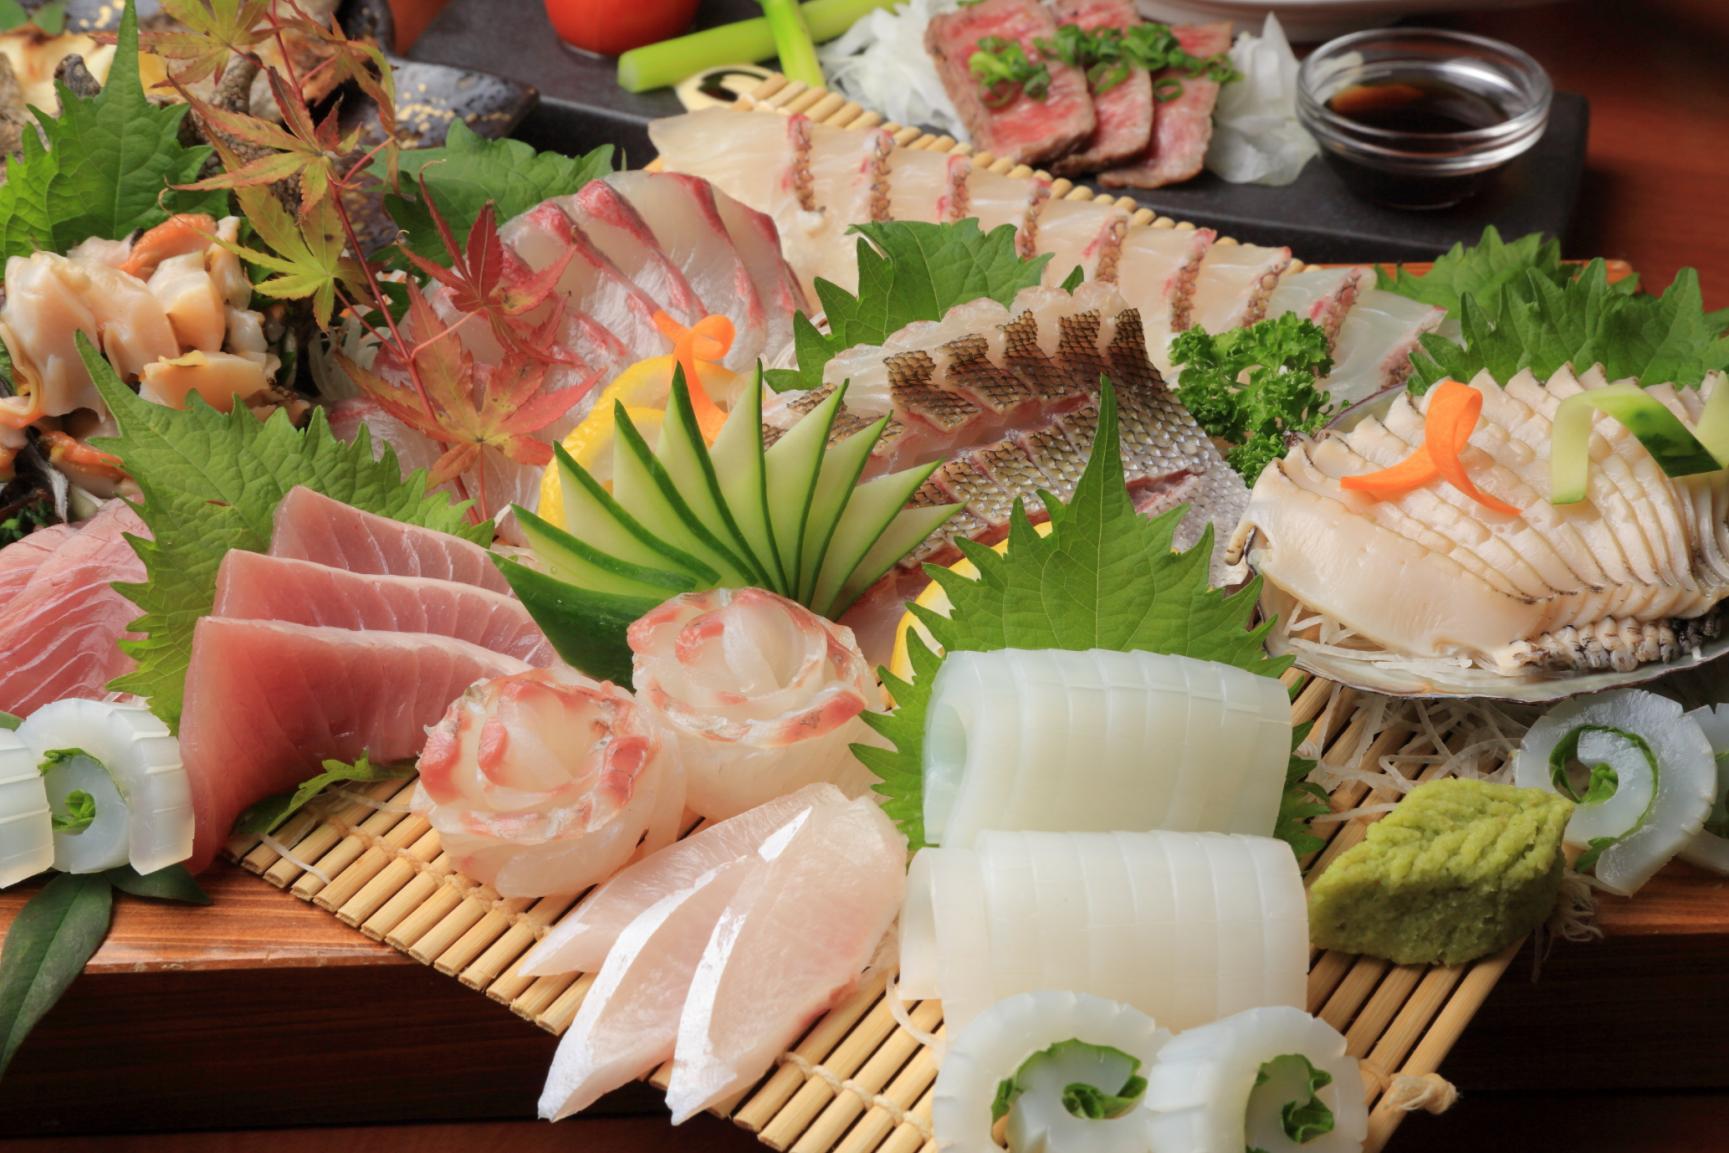 必食!お魚王国で味わう極上の魚介類-0